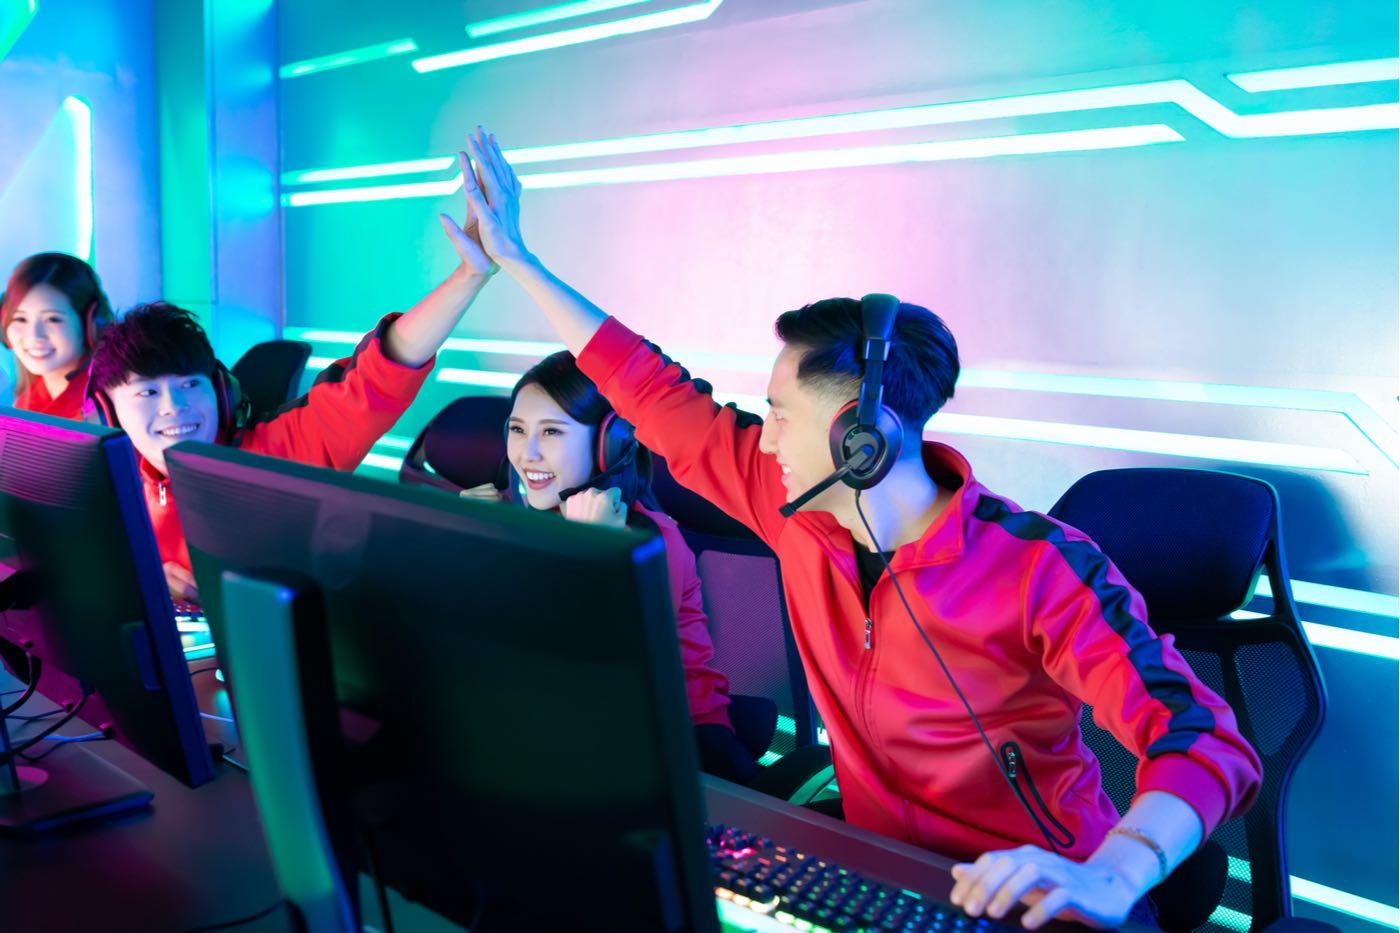 S2 Grupo señala los 10 principales ciberpeligros de los videojuegos online